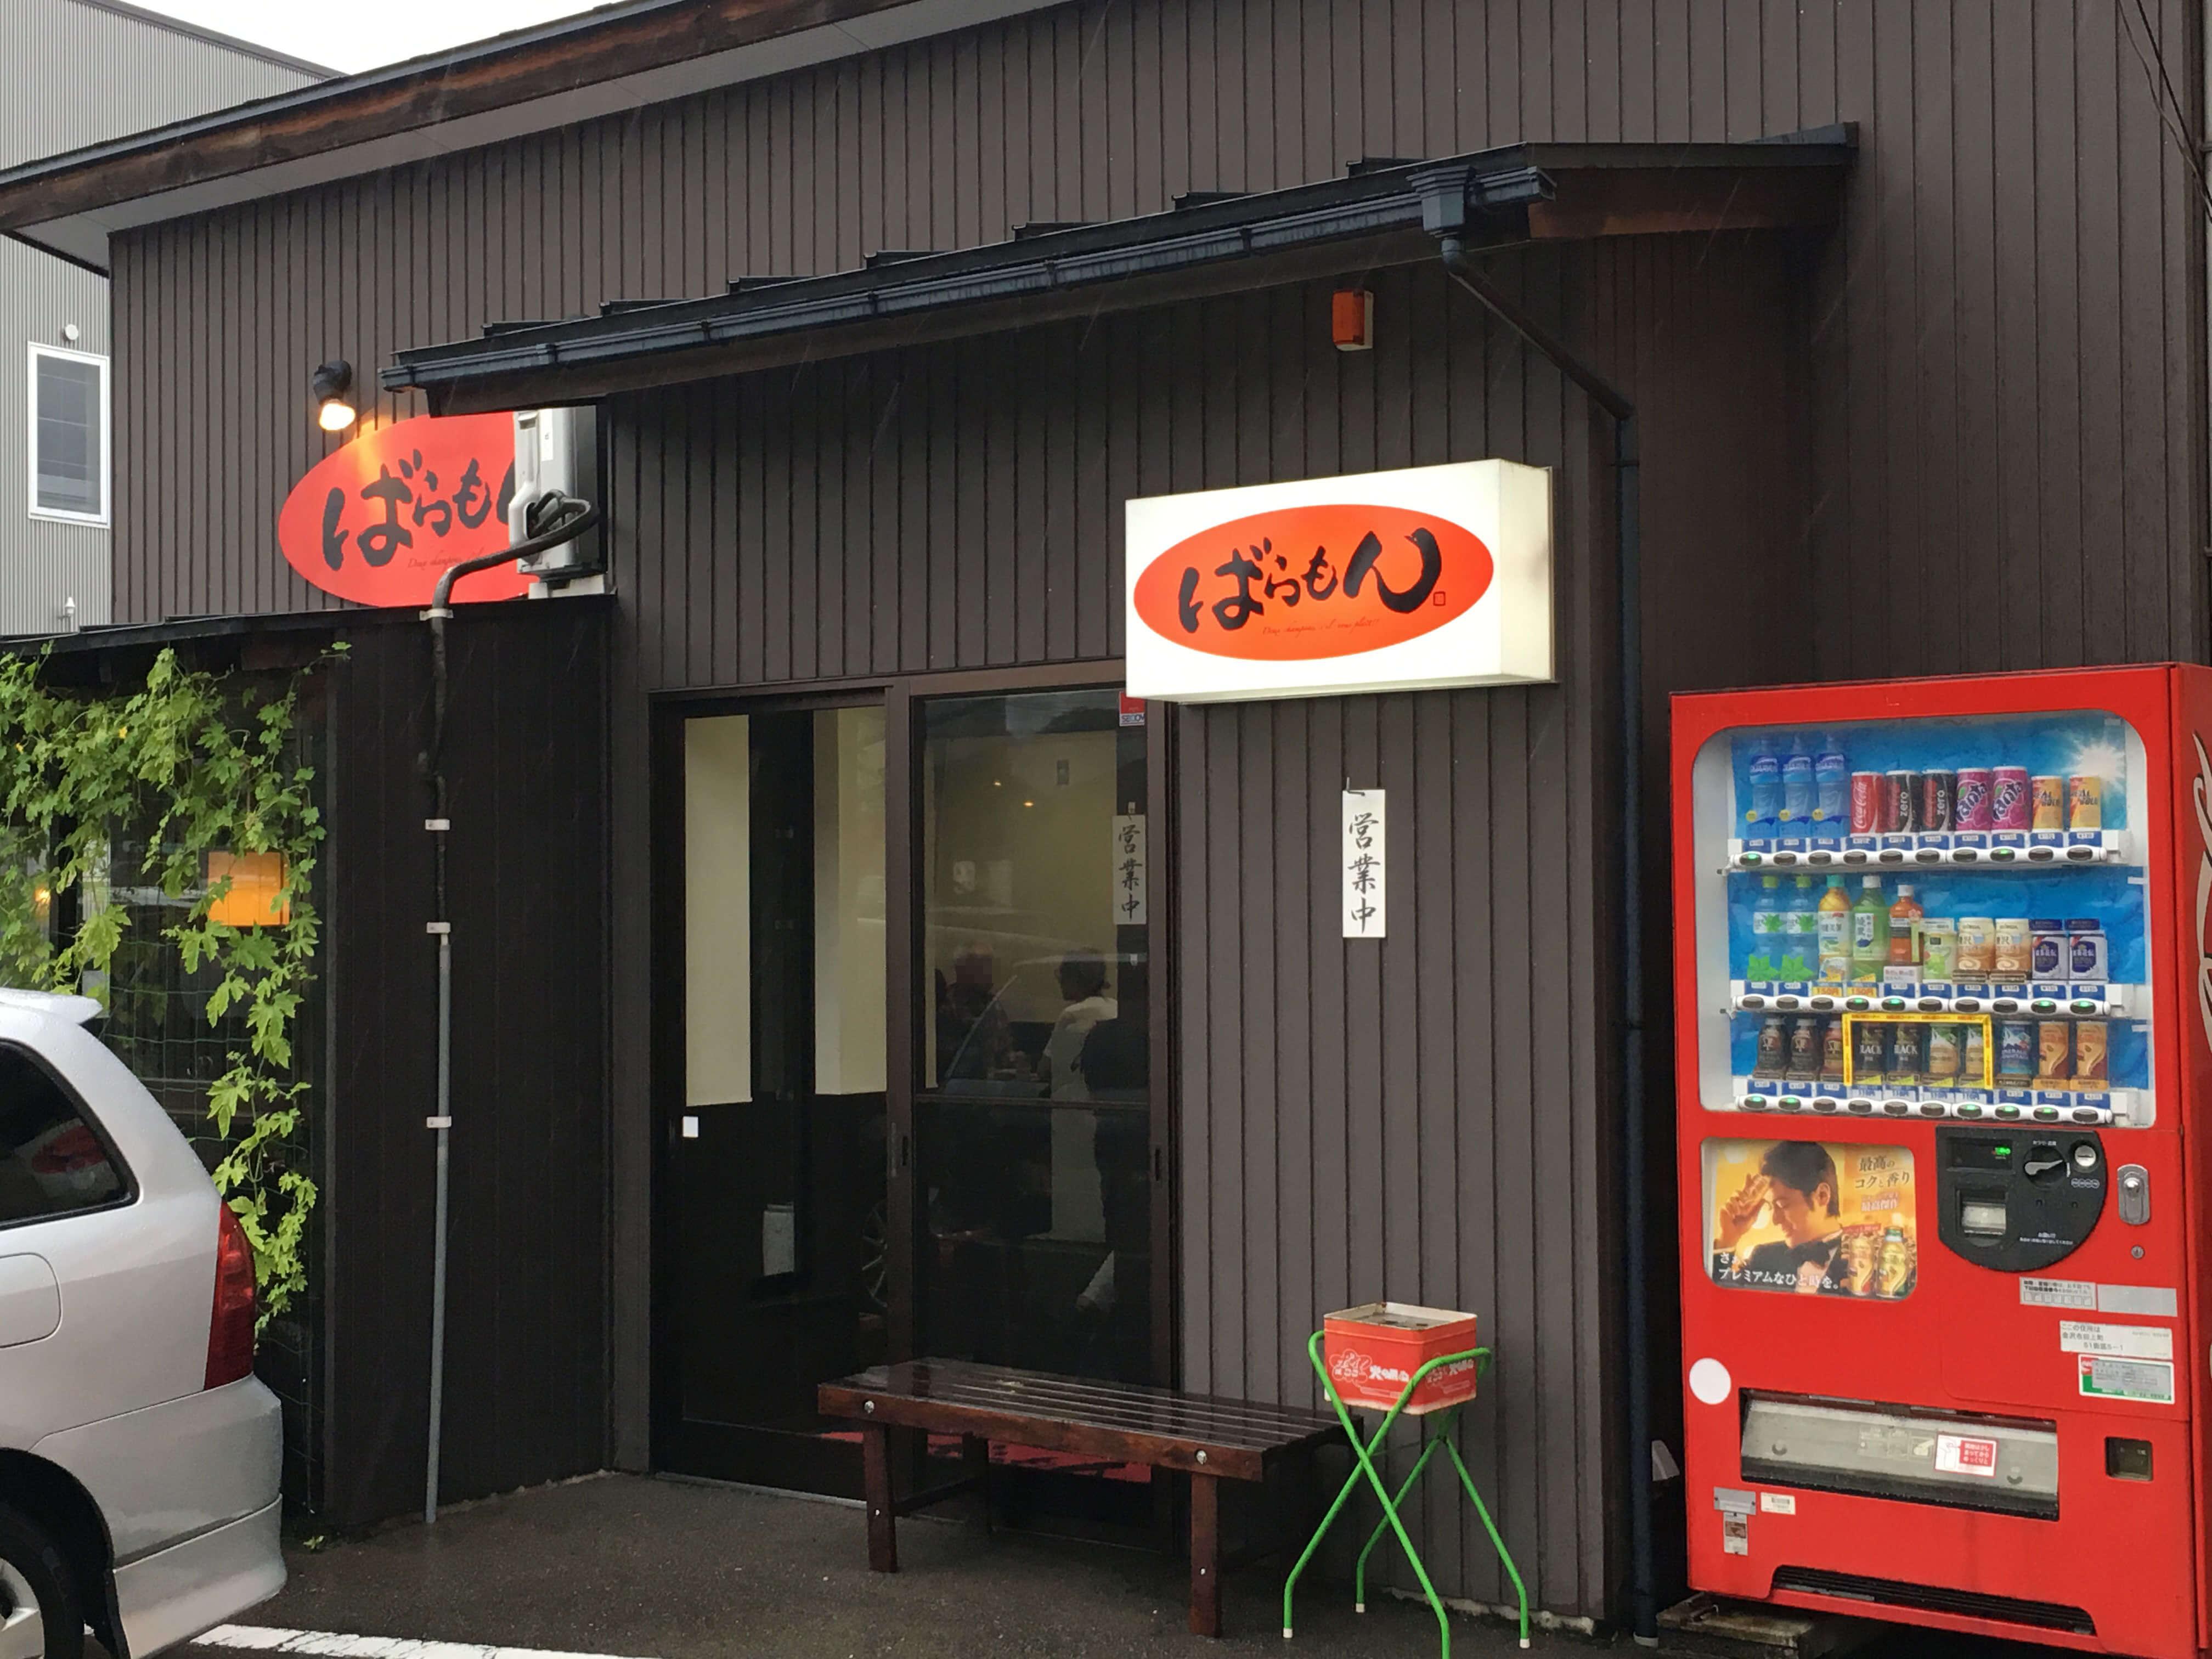 【閉店】ばらもん :長崎ちゃんぽんの名店が本日をもって閉店してしまうそうです。